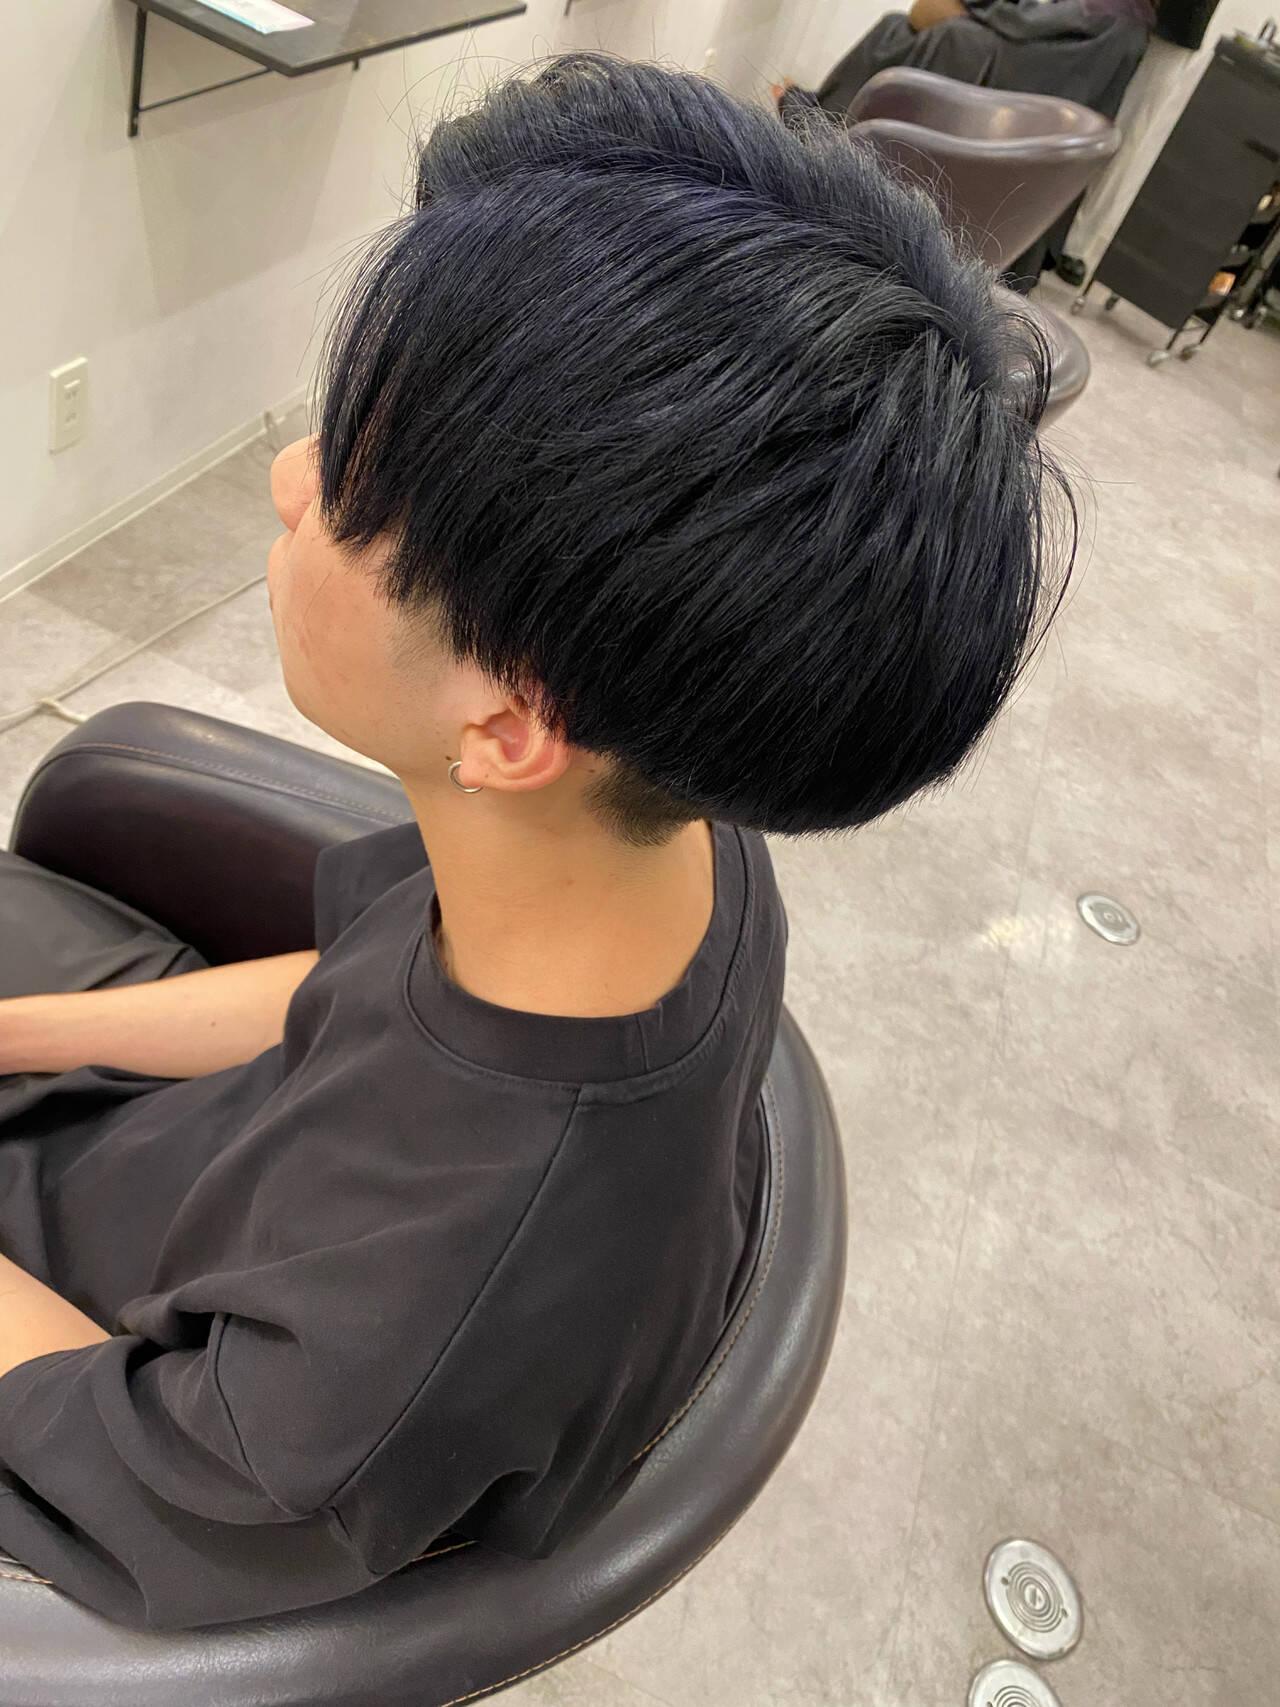 メンズマッシュ ナチュラル メンズショート メンズヘアヘアスタイルや髪型の写真・画像